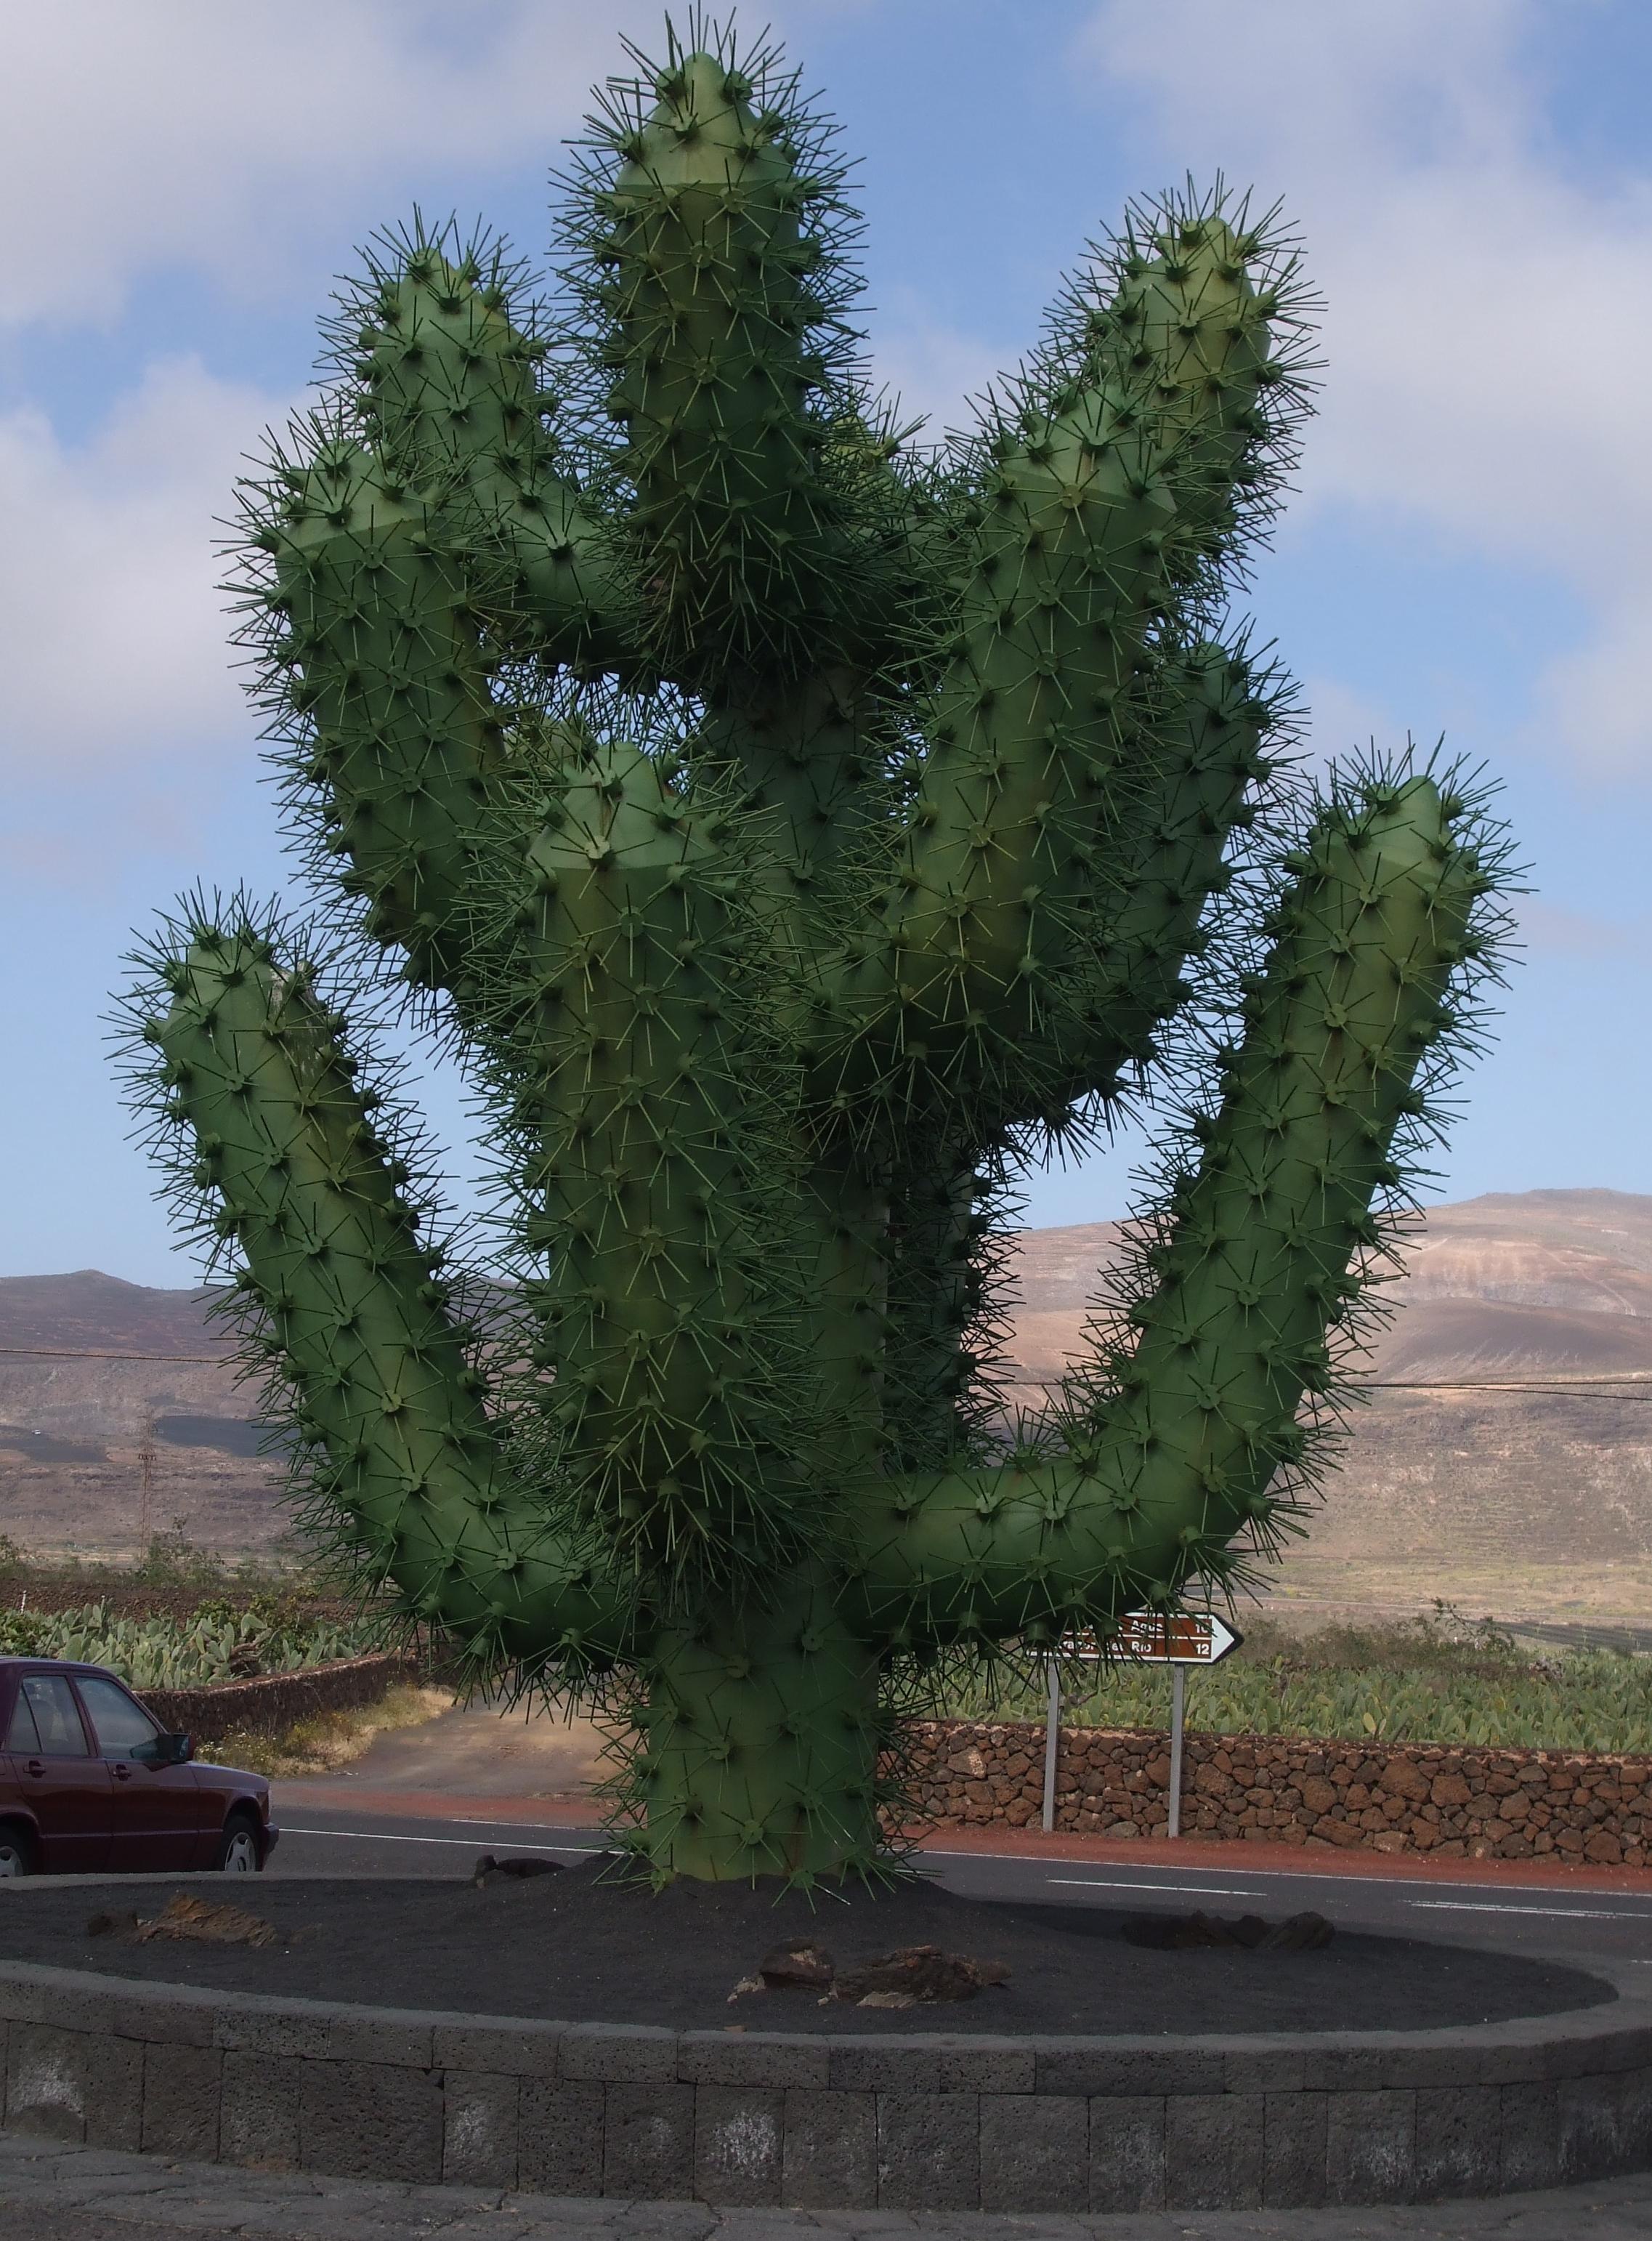 Giant 39 cactus 39 sculpture at the jardin de cactus in - Jardin de cactus ...